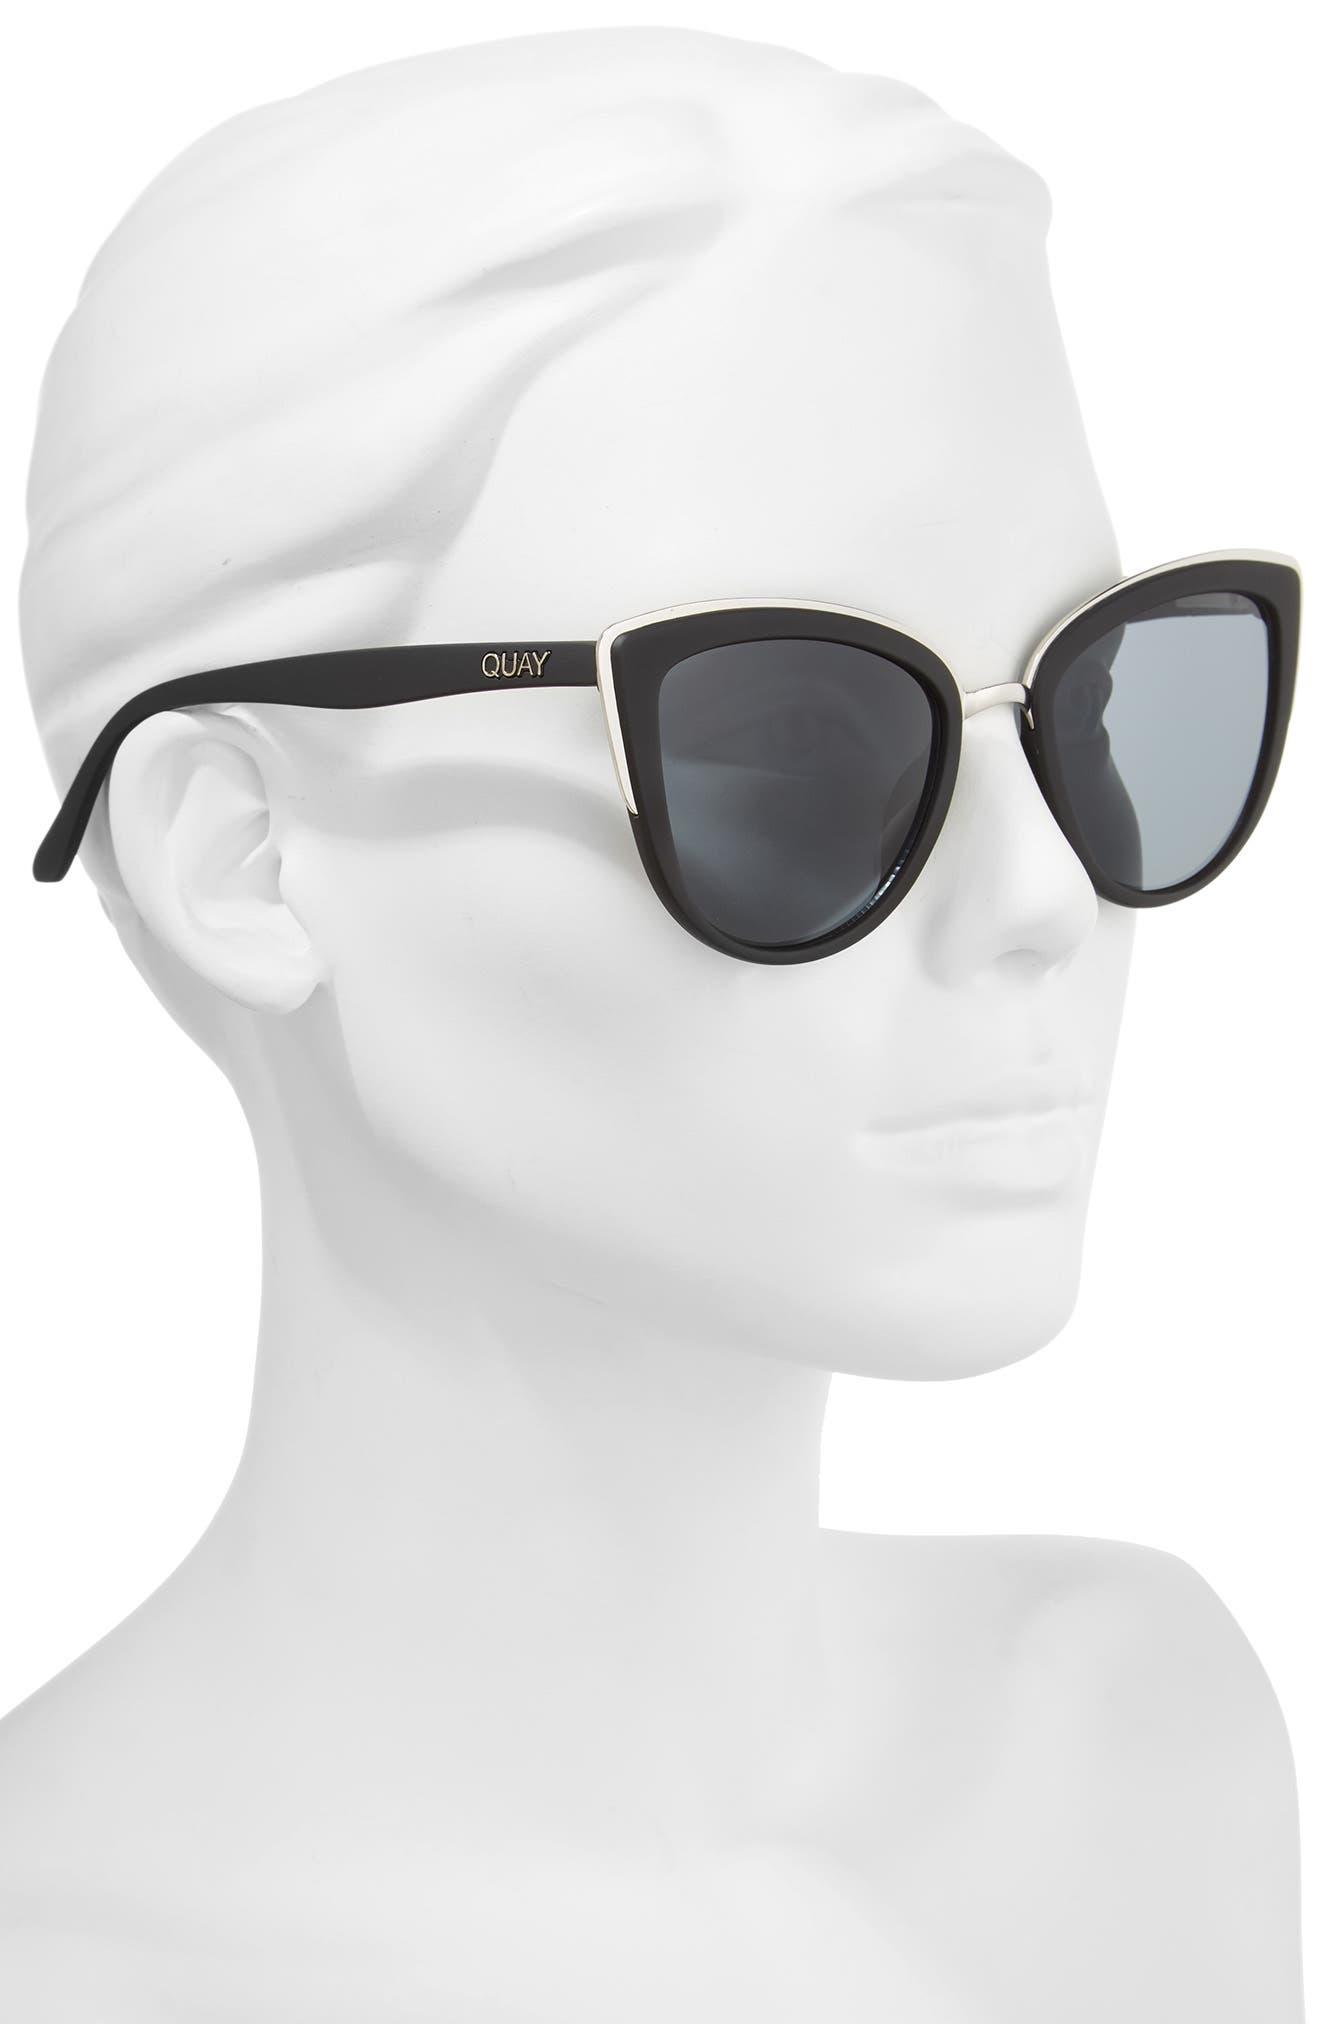 'My Girl' 50mm Cat Eye Sunglasses,                             Alternate thumbnail 3, color,                             Black/ Smoke Lens